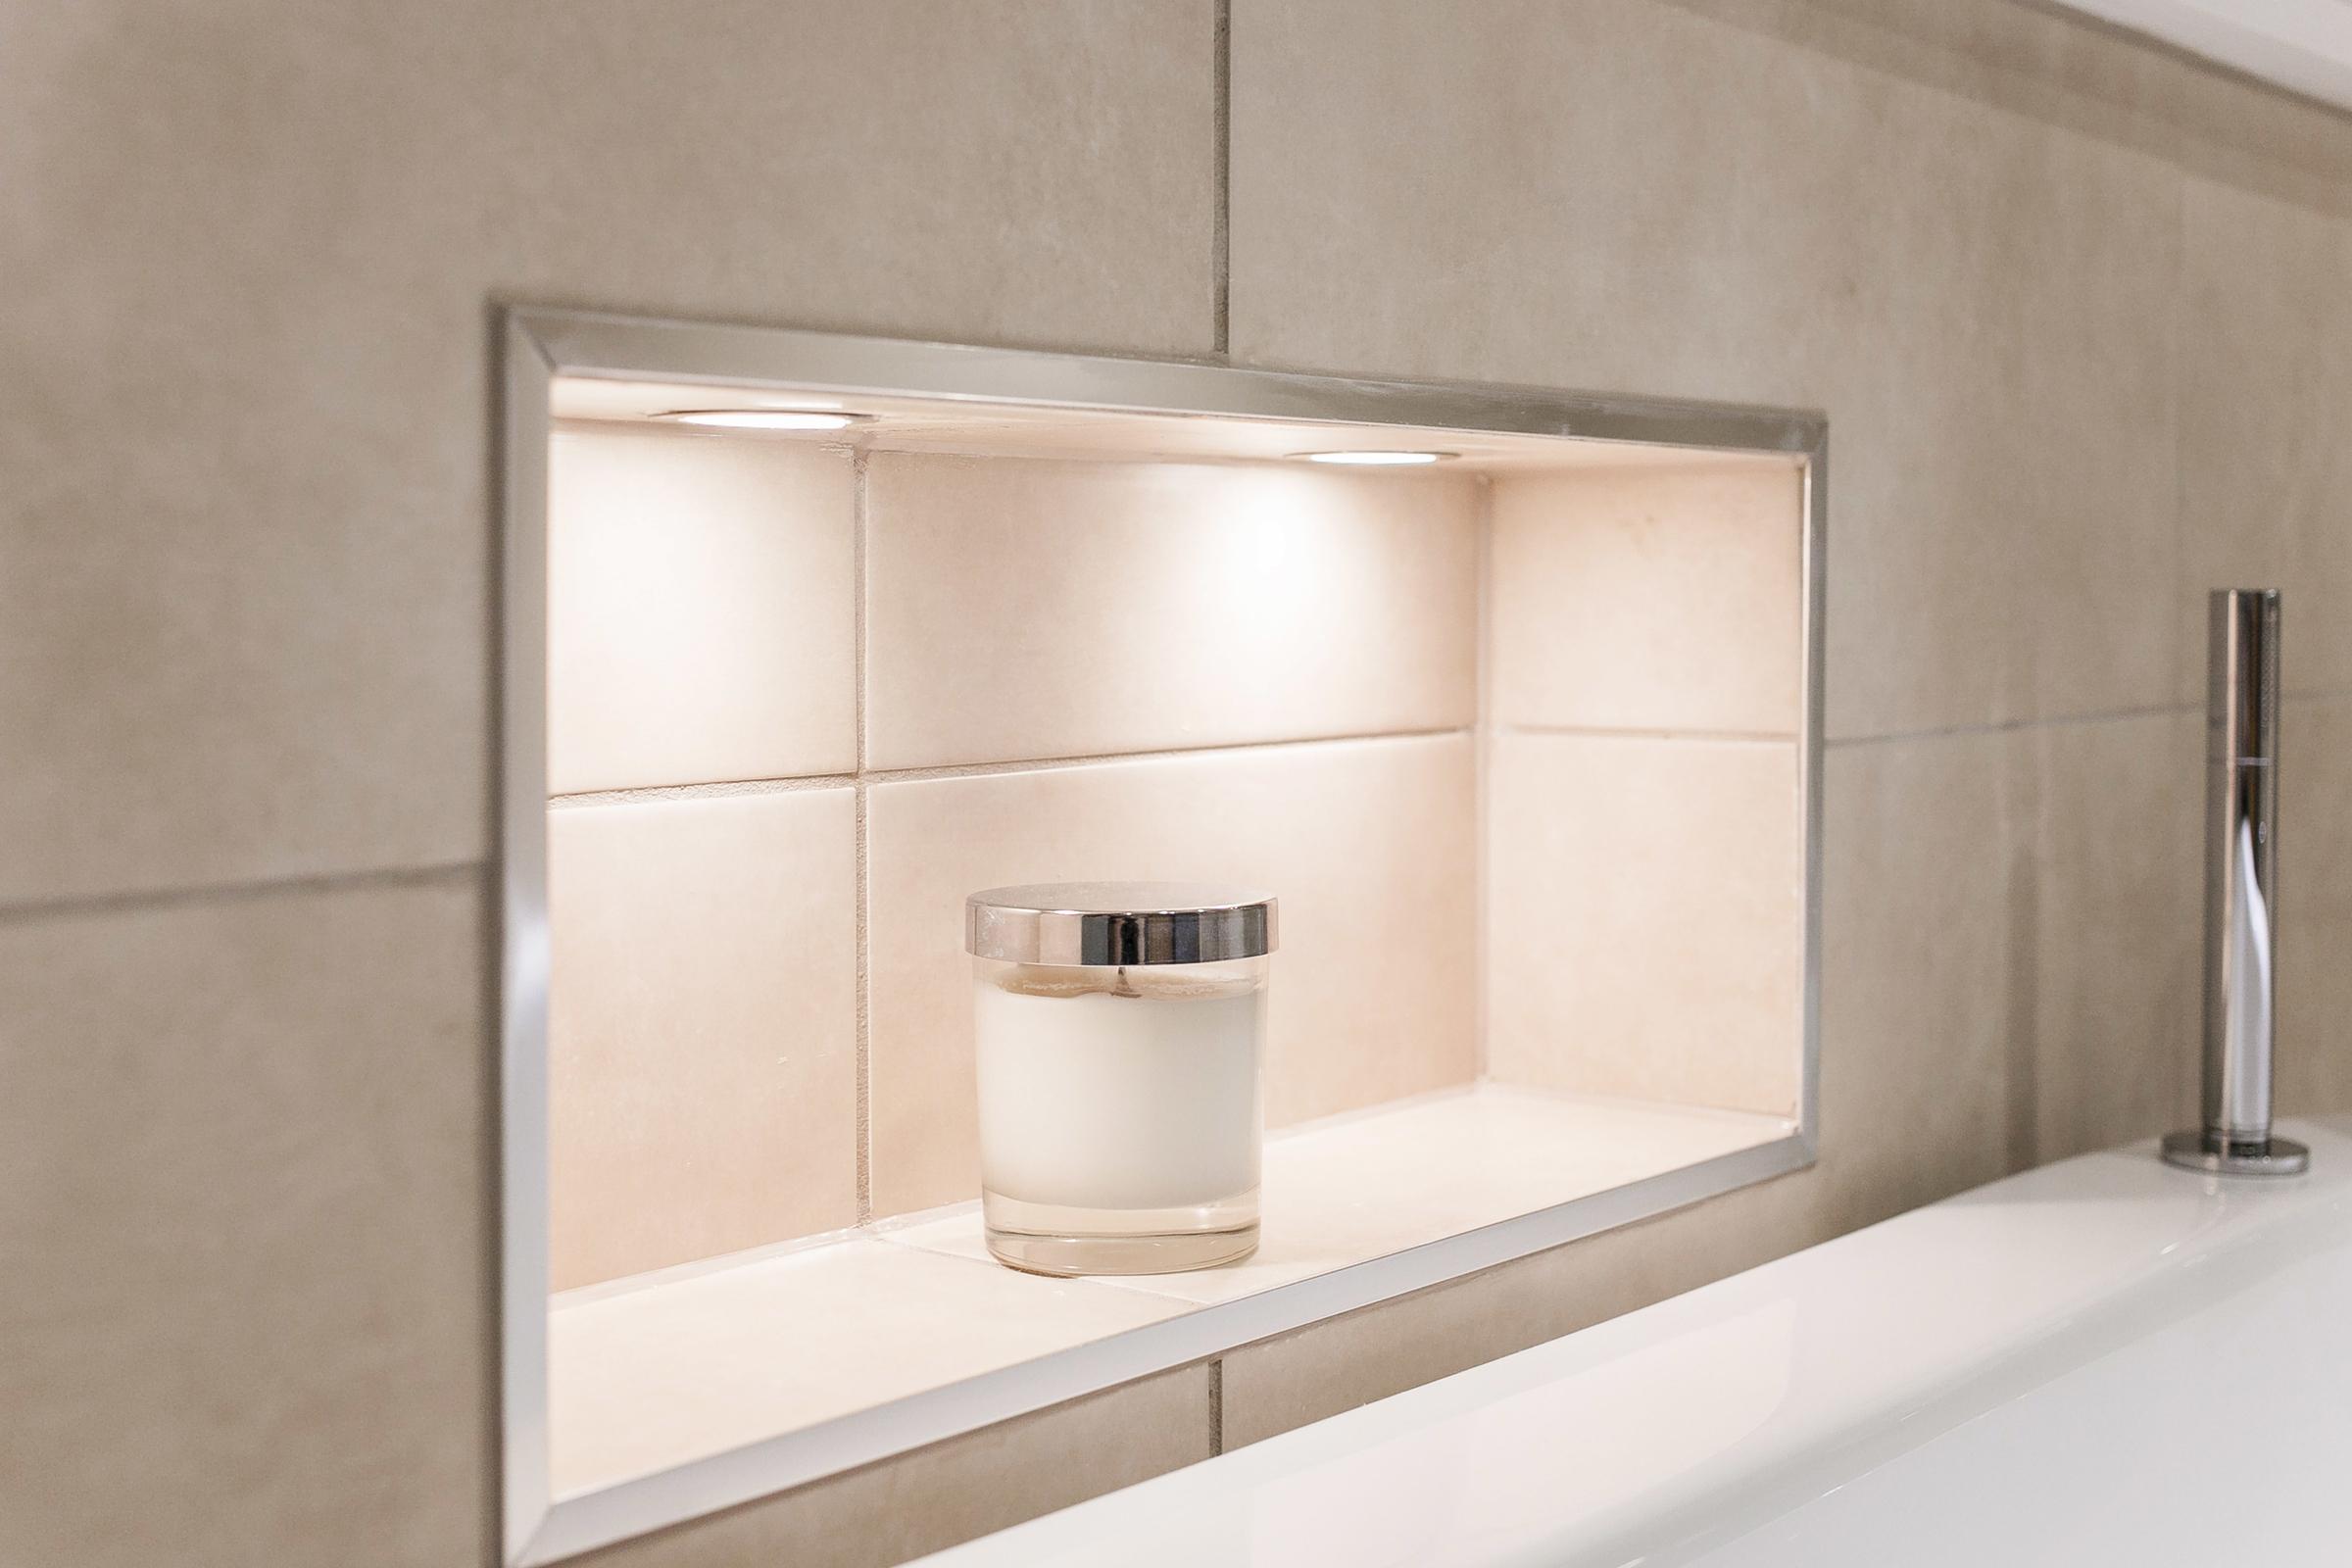 blissful bathroom design from burlanes. Black Bedroom Furniture Sets. Home Design Ideas